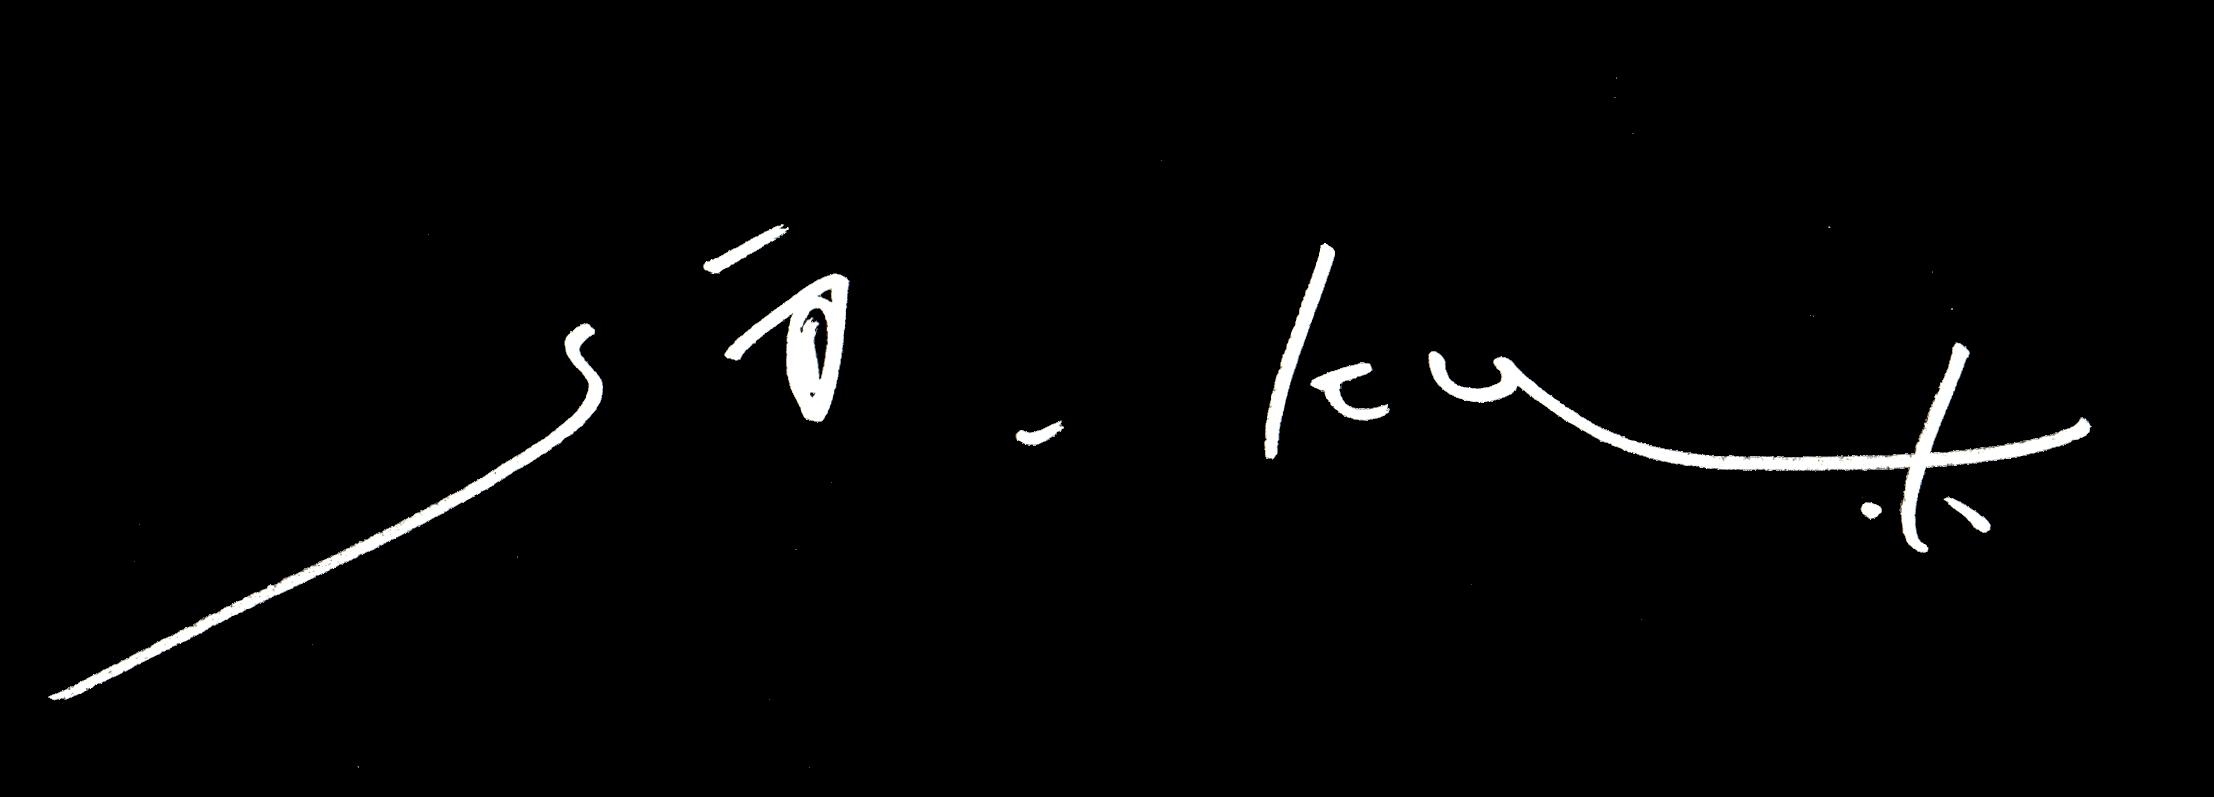 s i _ k u . k  ✑ w e b s i t e